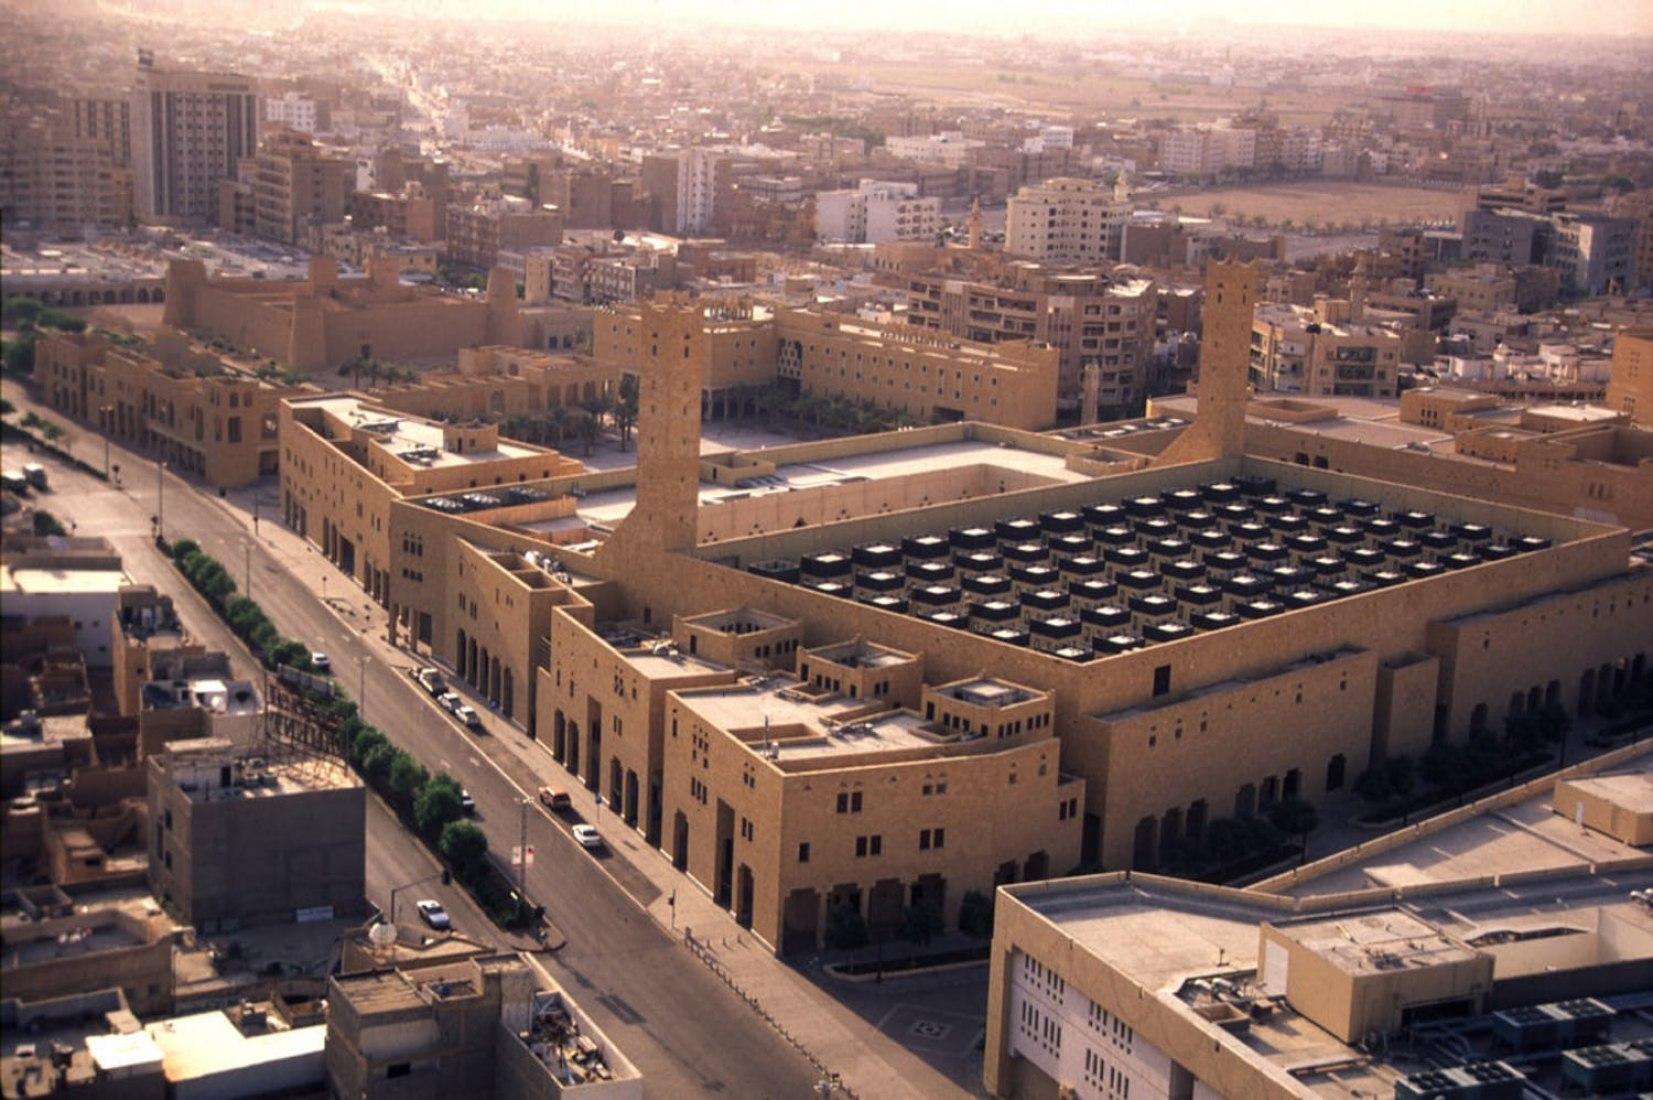 Grand Mosque of Riyadh and the Justice Palace of Riyadh, 1985, Riyadh, KSA. Photograph courtesy of Tamayouz Excellence Award.